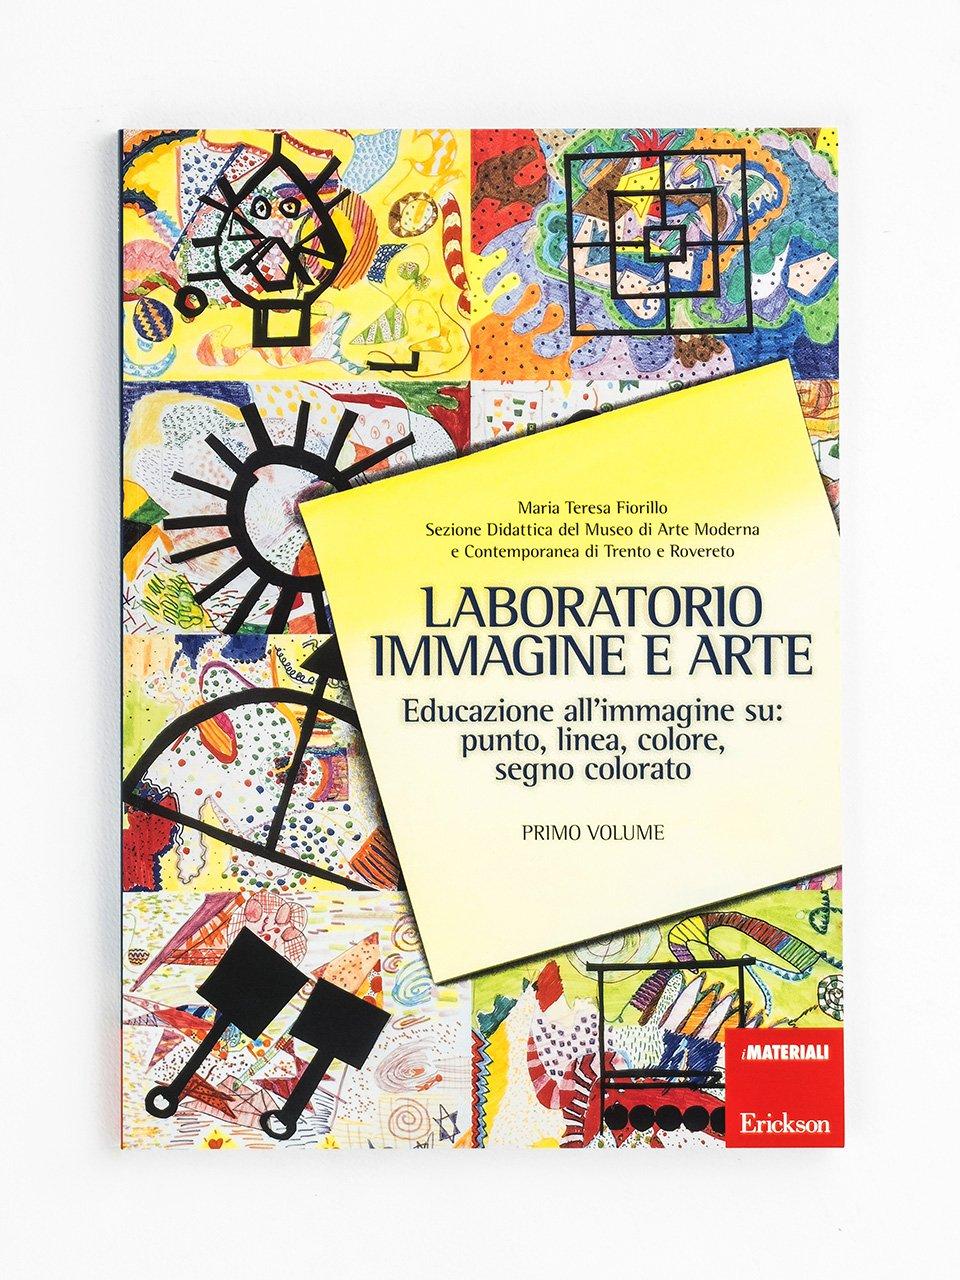 Laboratorio immagine e arte - Volume 1 - Laboratori di creatività per l'autismo - Libri - Erickson